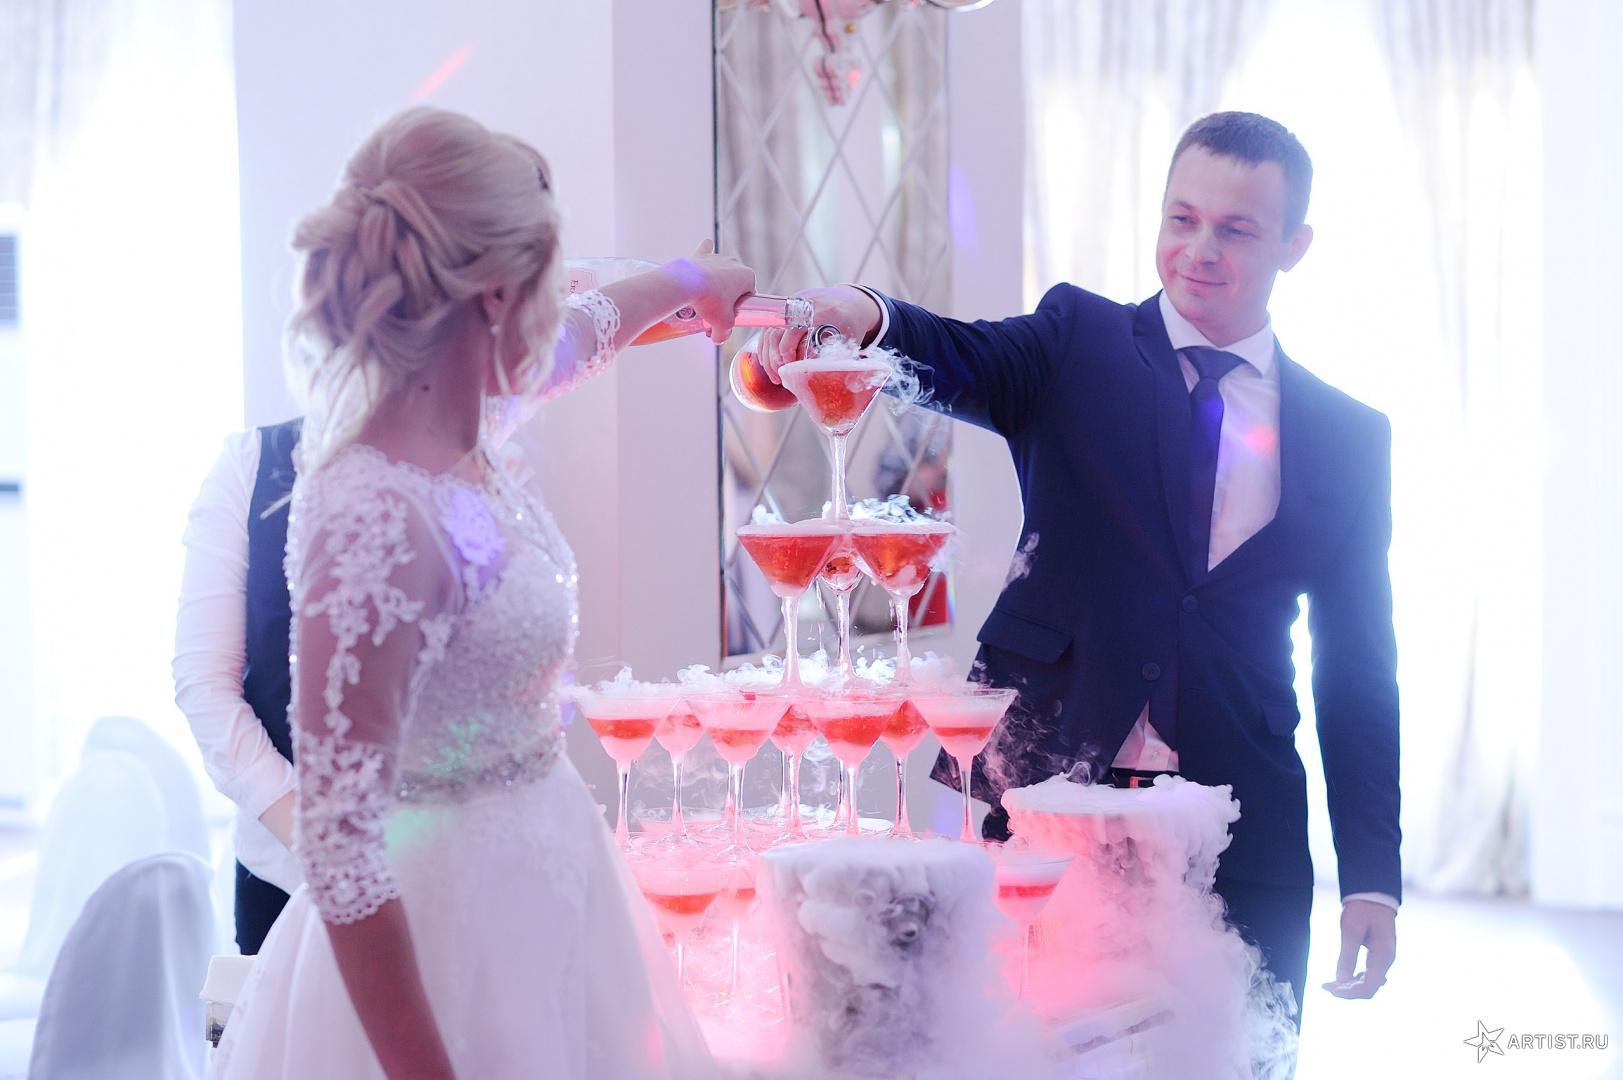 Фото 11 из 21 из альбома Свадьба Екатерины и Дениса Андрея Кислого